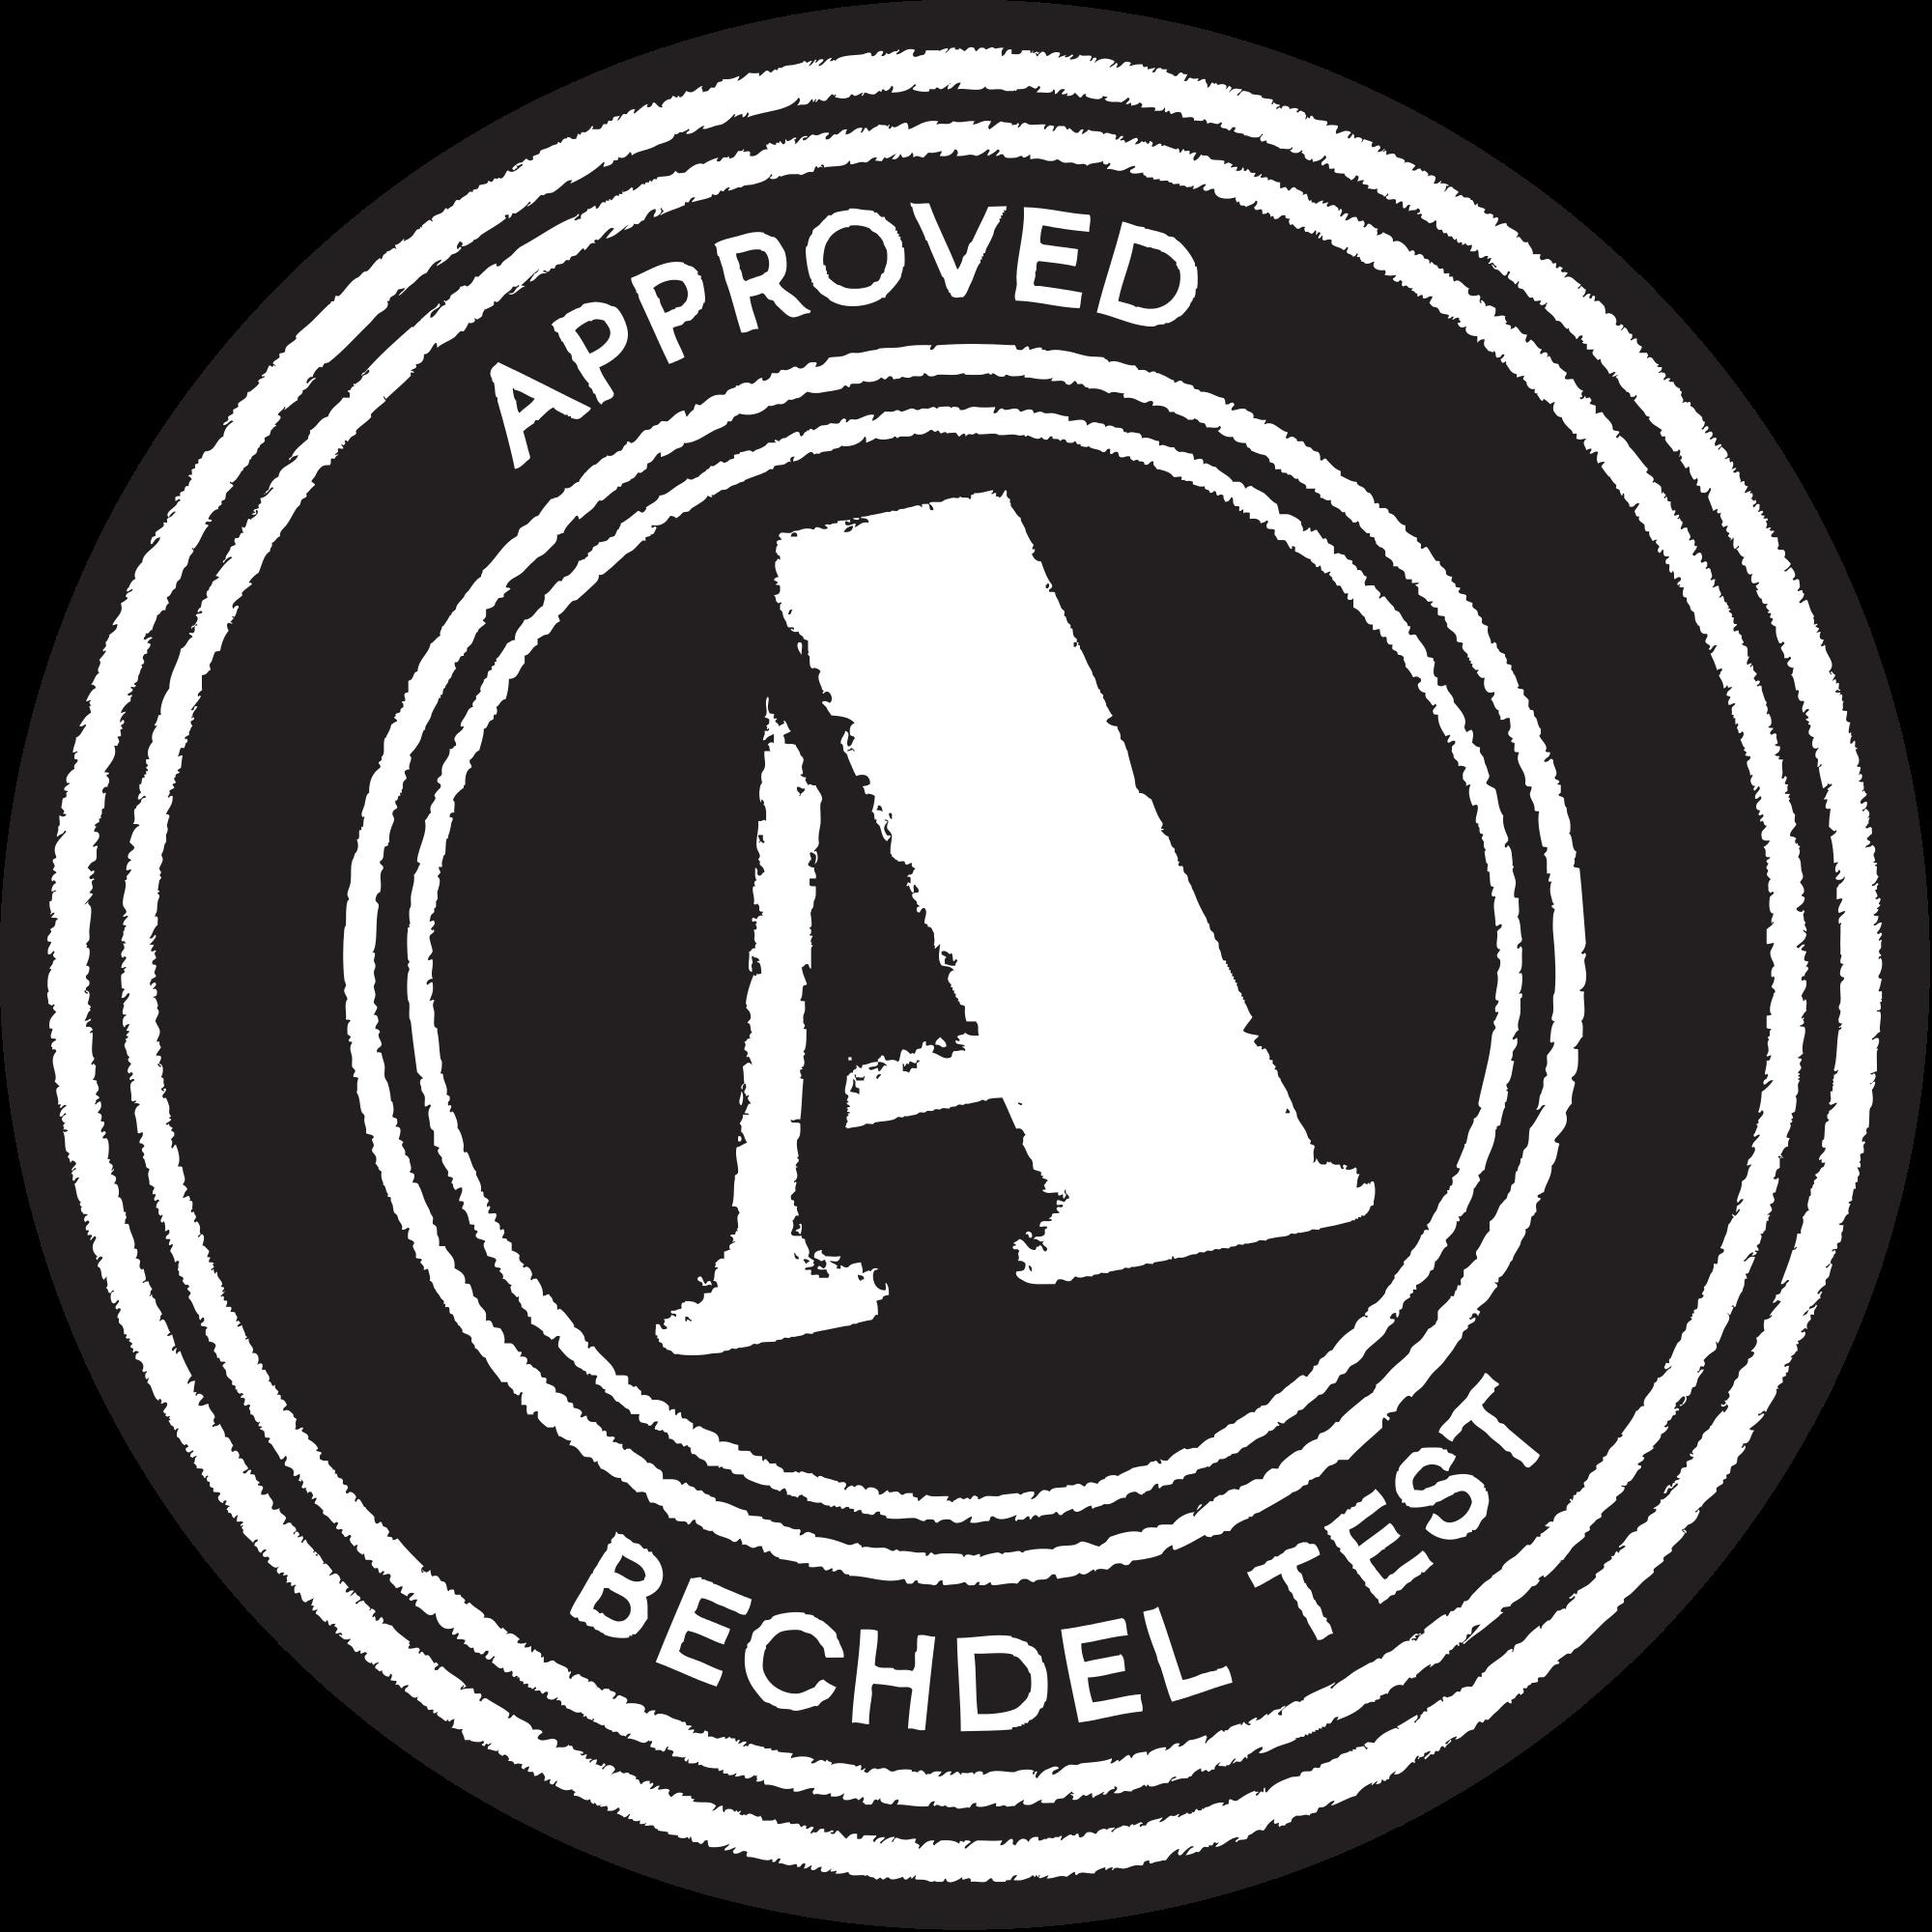 bechdel_test_logo